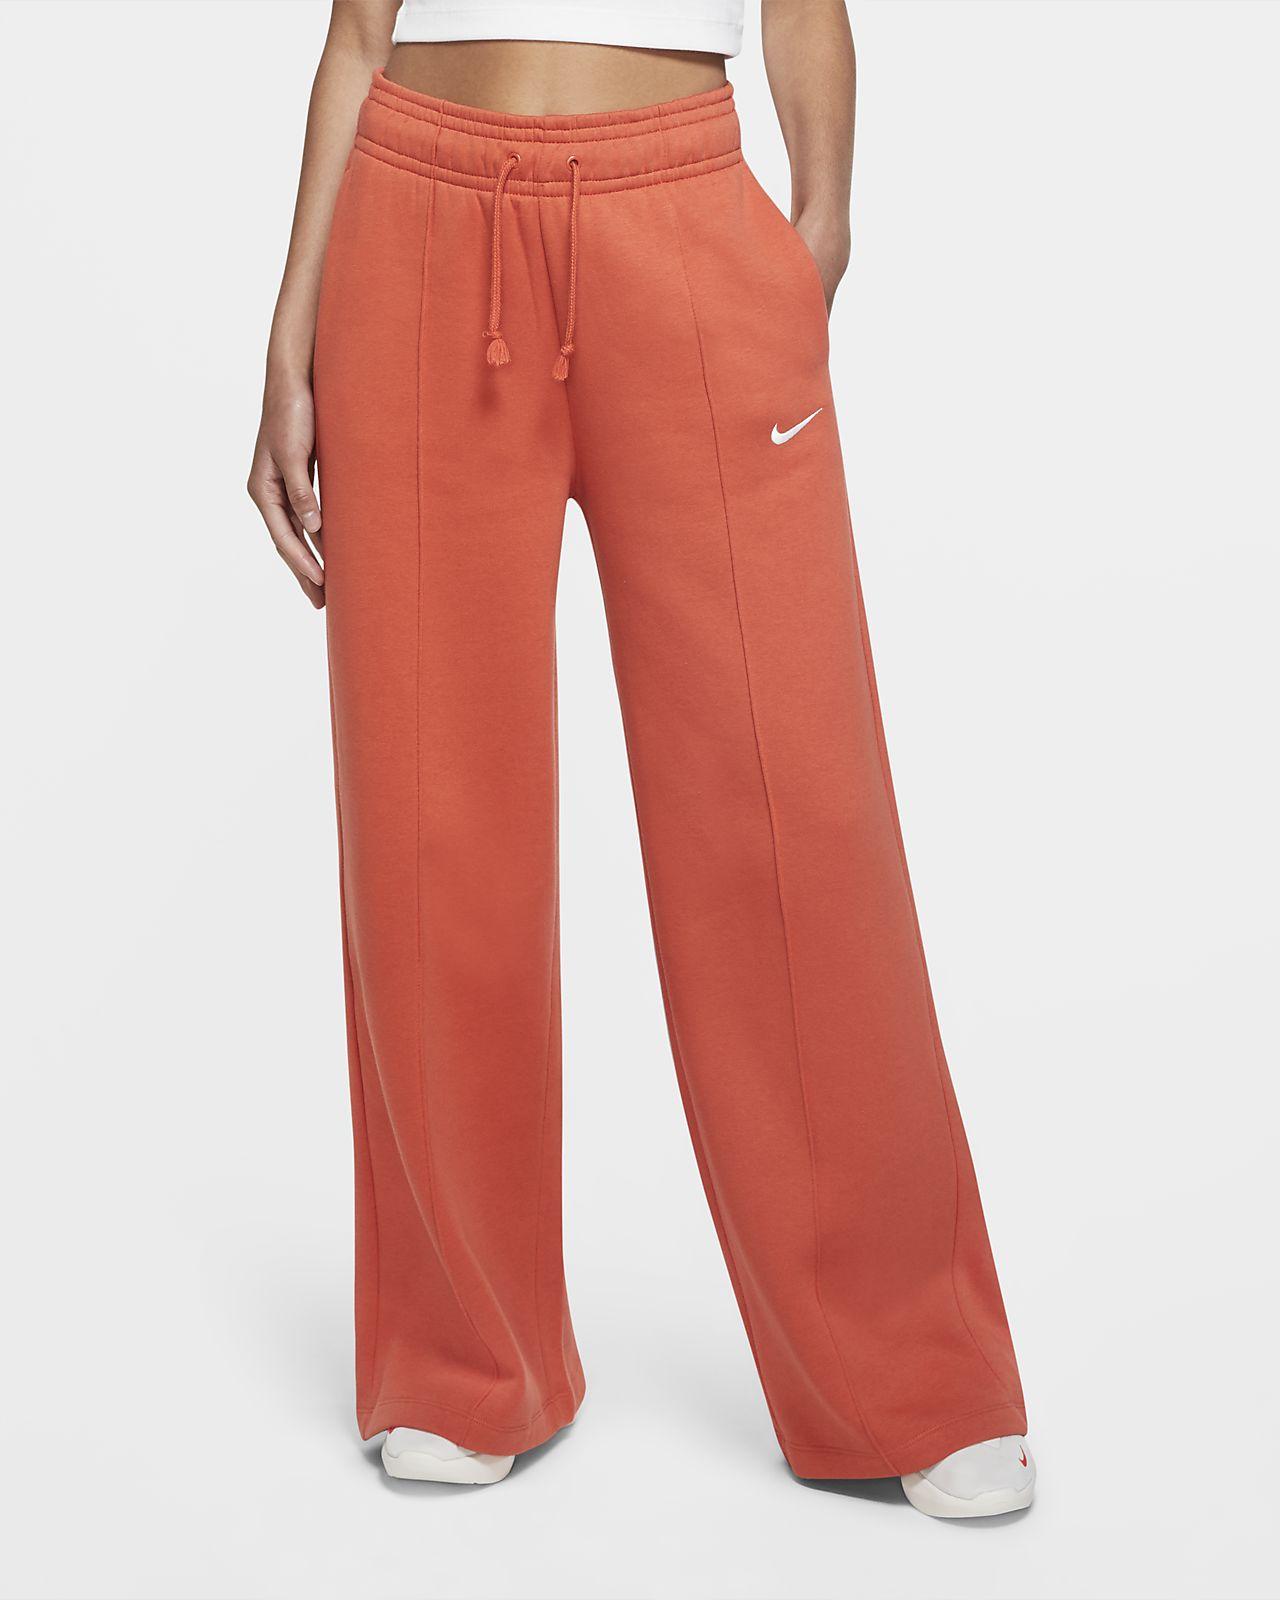 Nike Sportswear Trend Trousers Orange